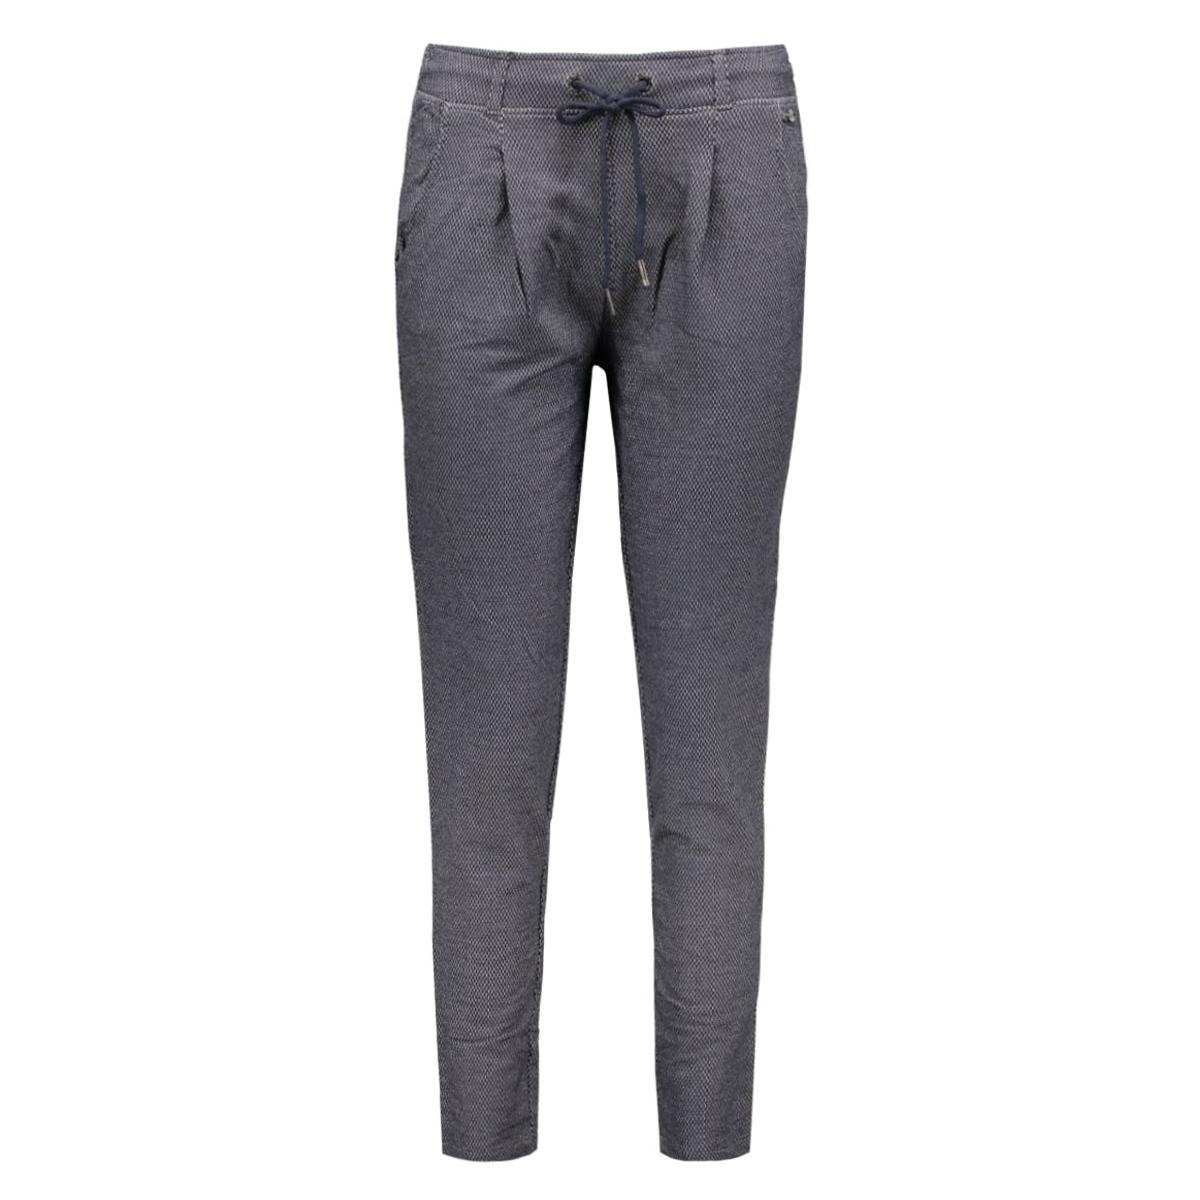 6829010.09.71 tom tailor broek 6901